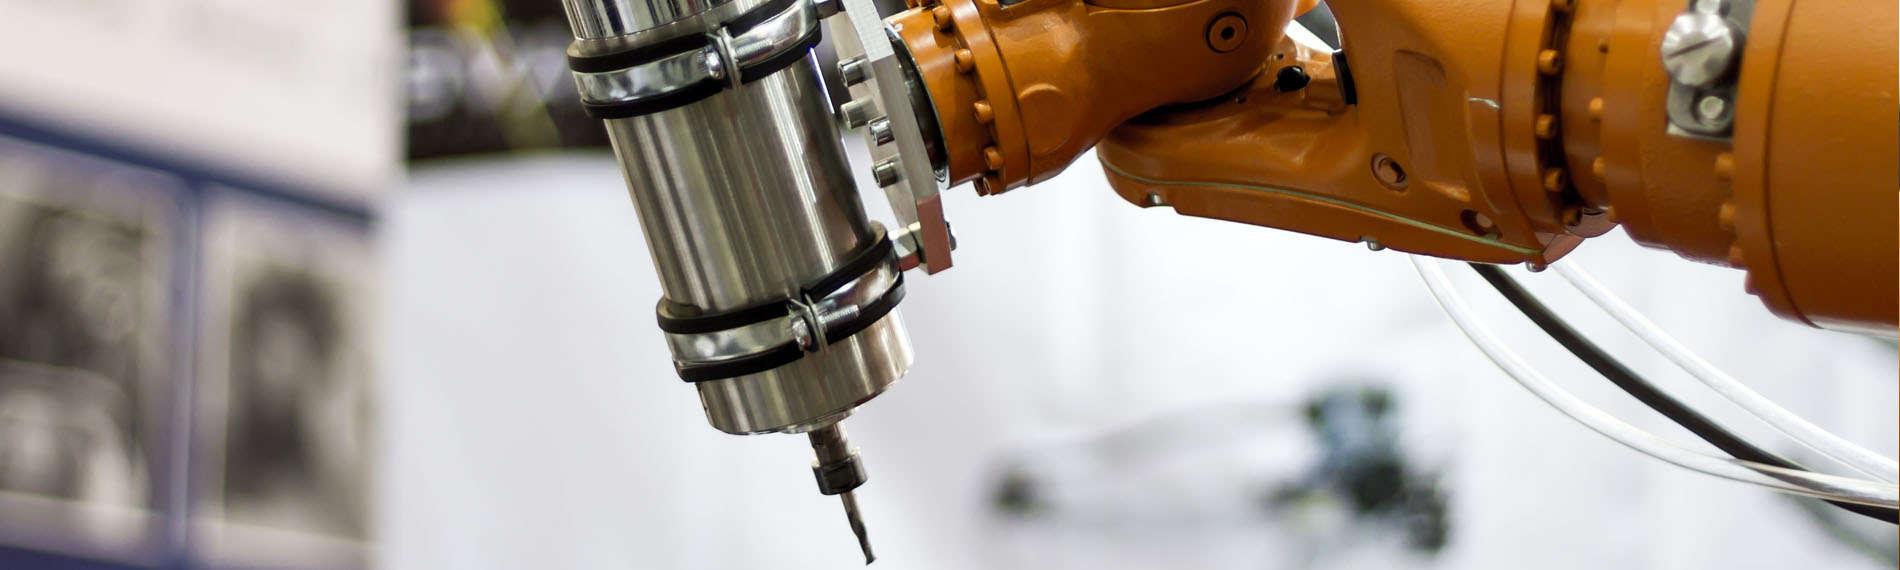 Imaging-Technologien in der Industrie im Einsatz an einem Roboter